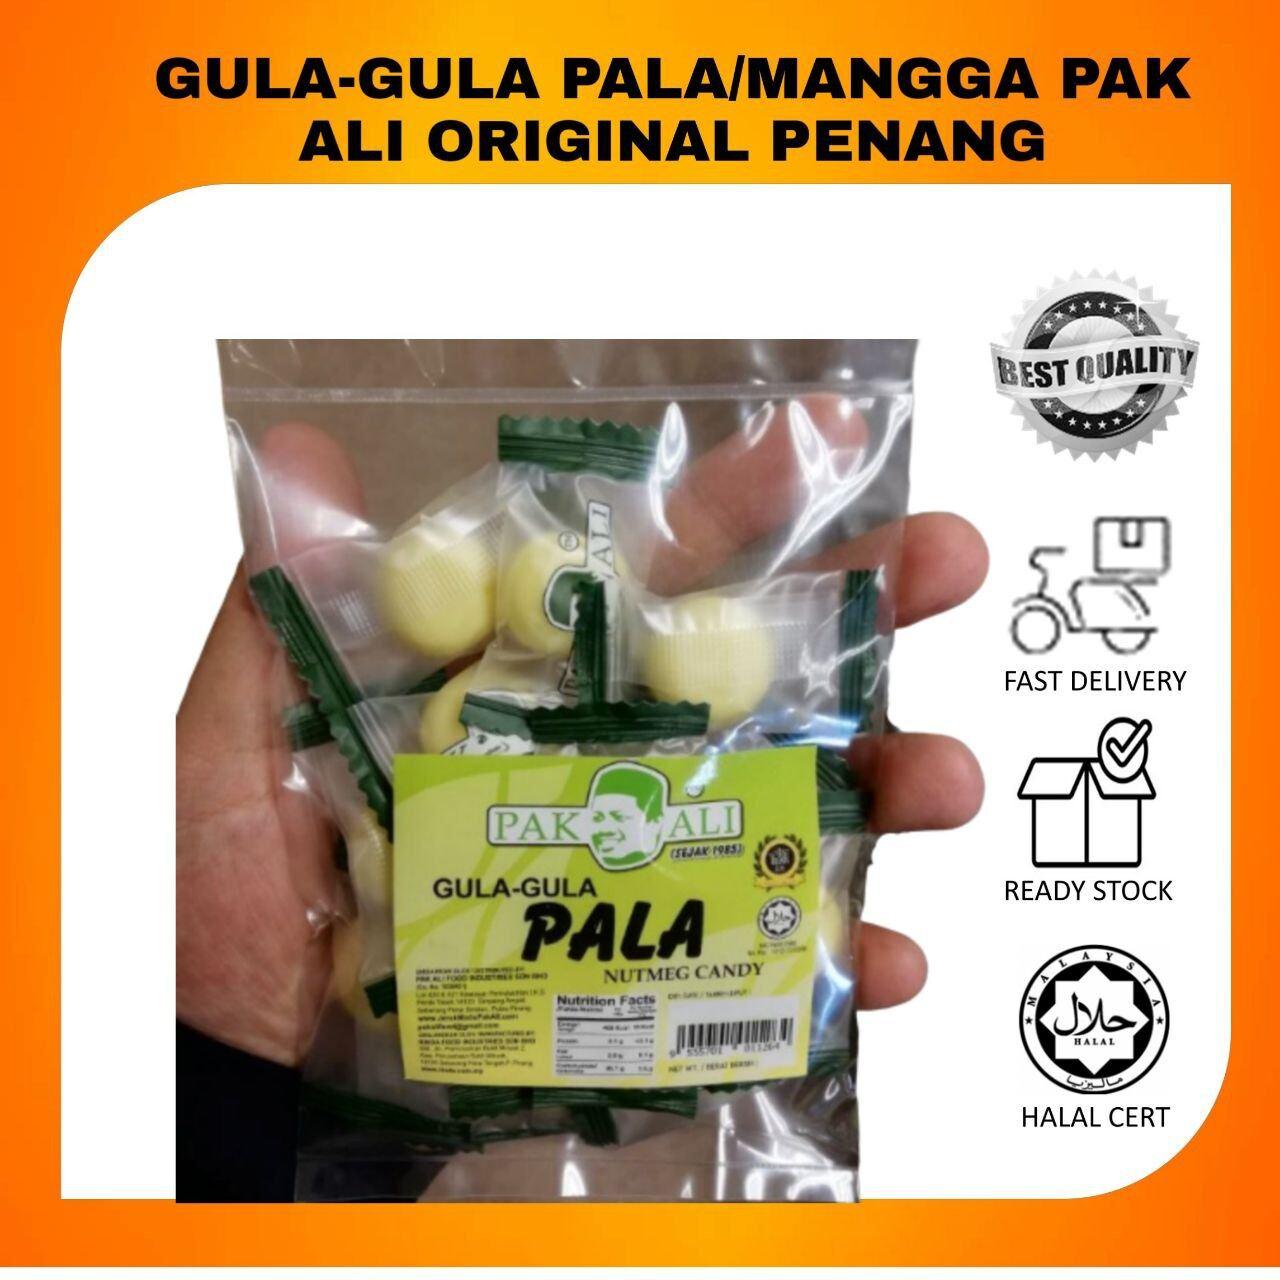 GULA-GULA MANGGA PAK ALI ORIGINAL PENANG (15 BIJI)